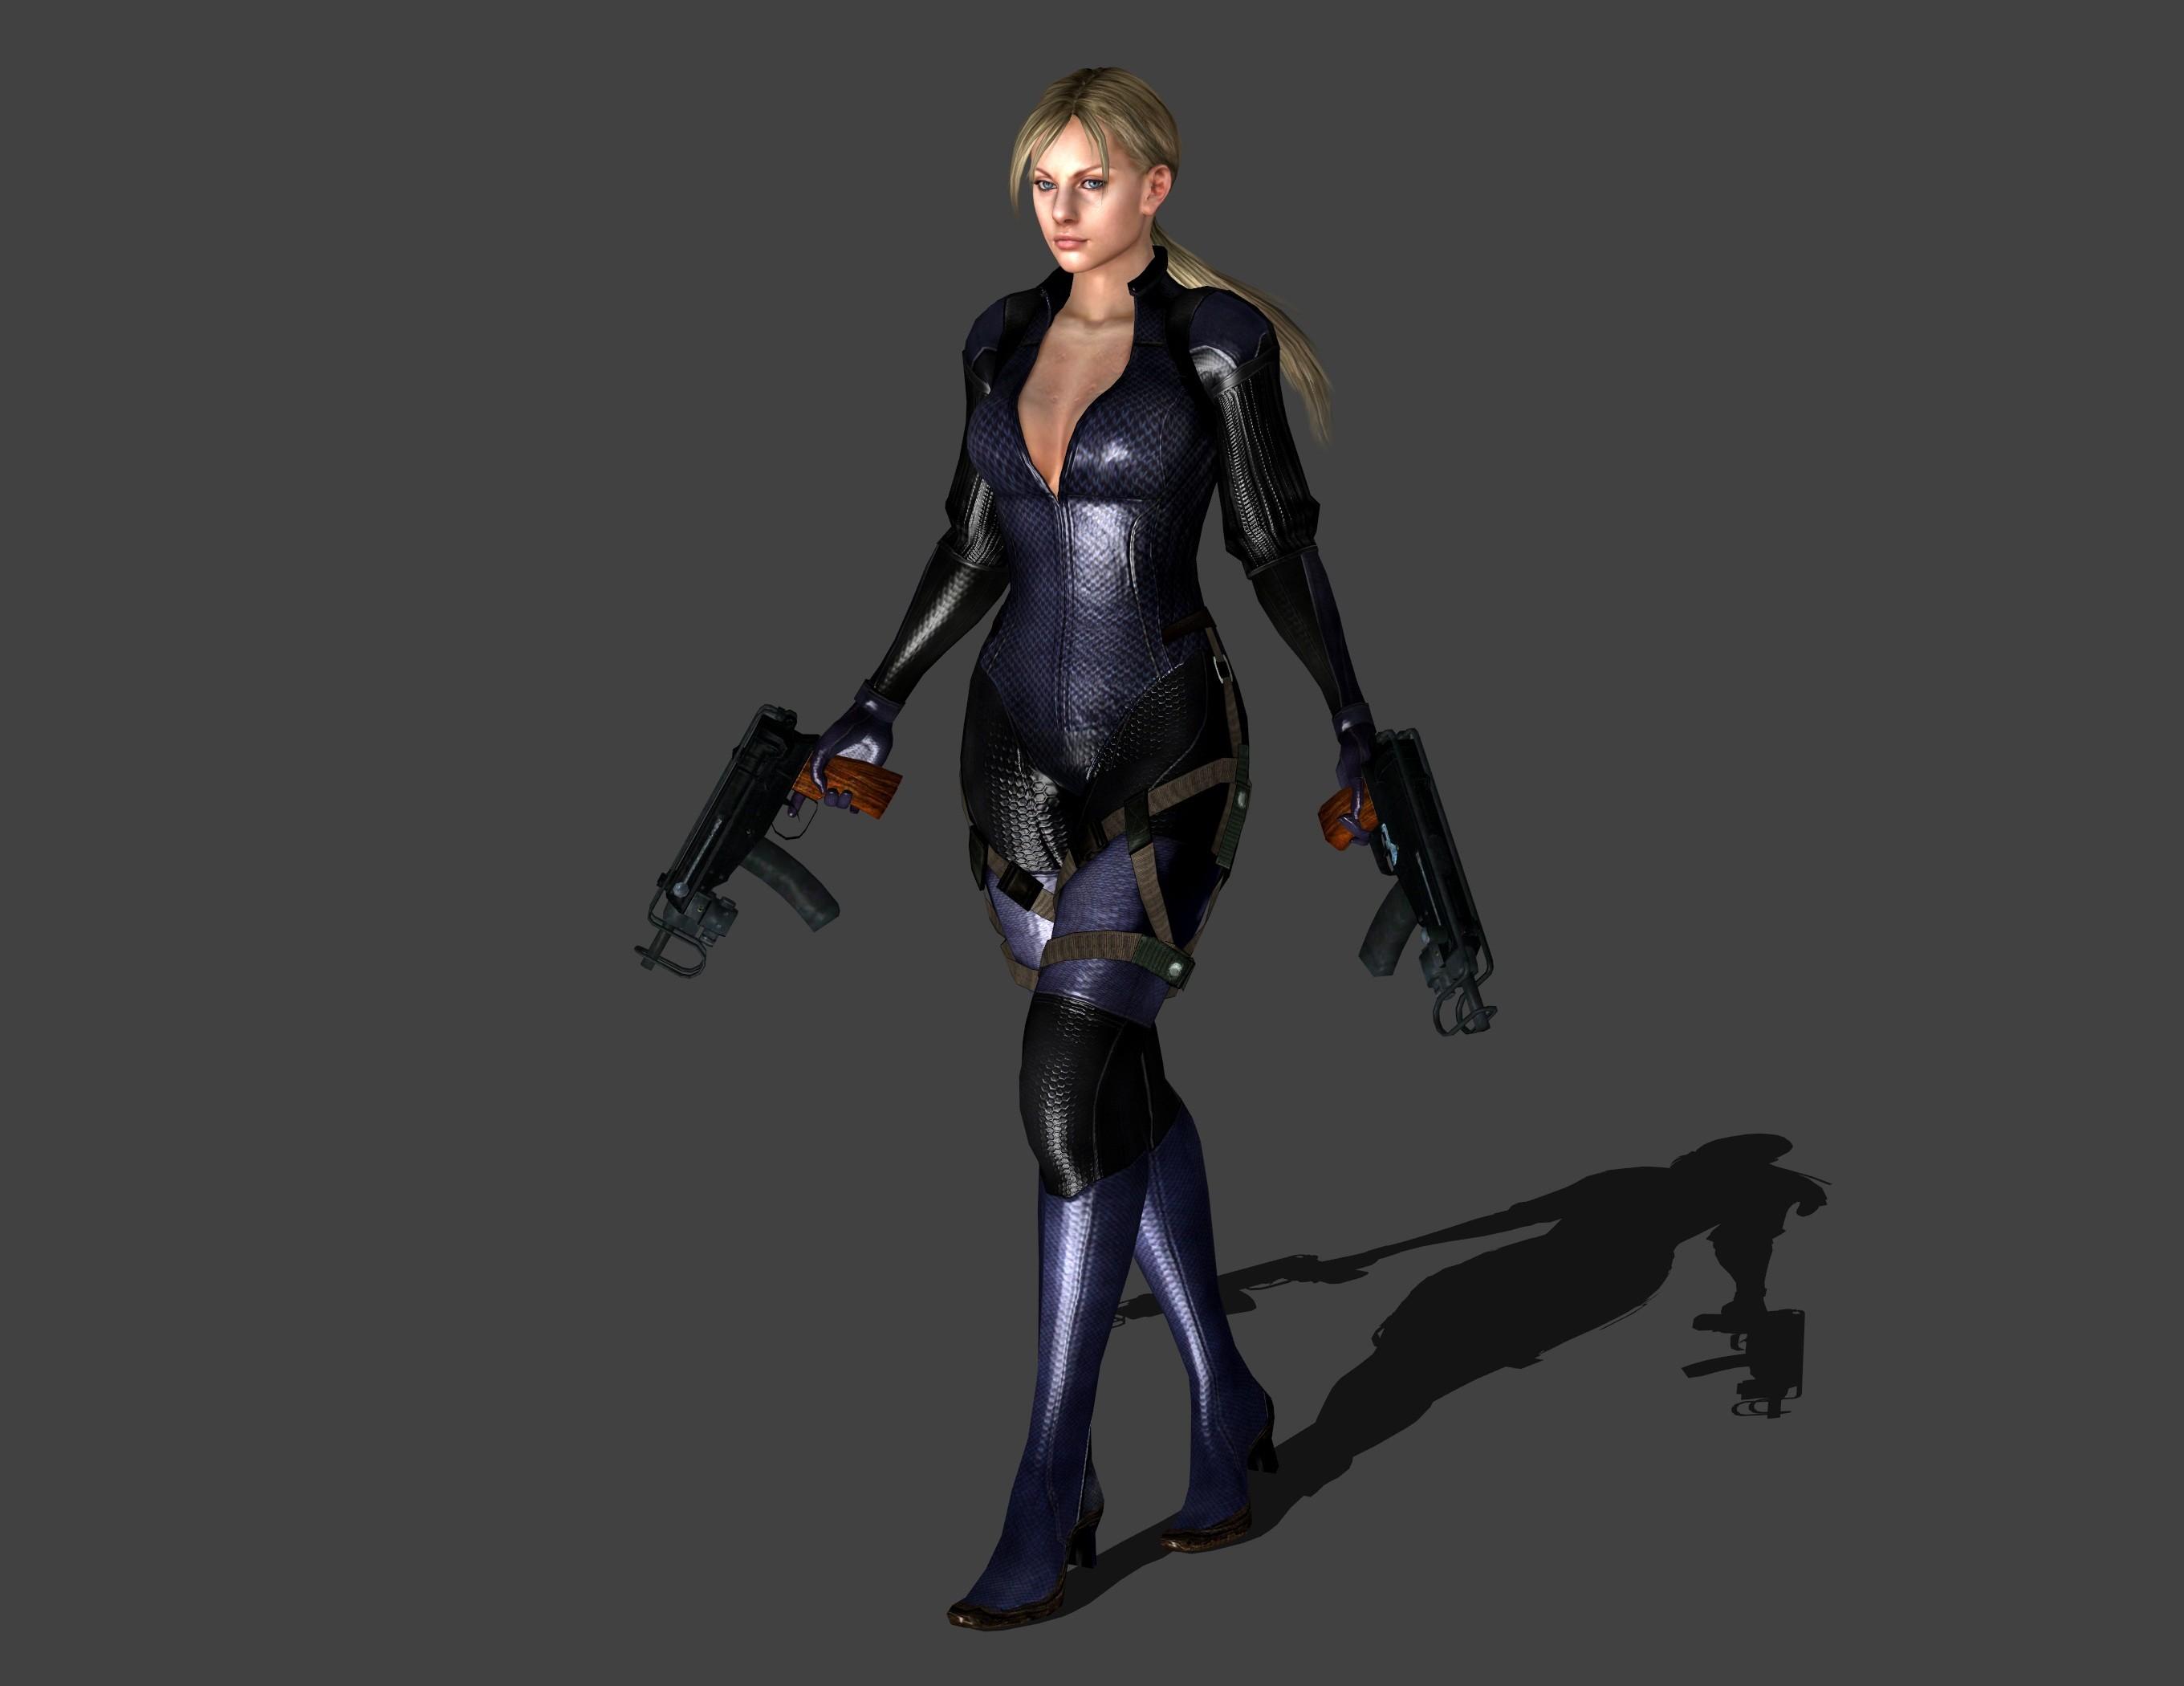 … Resident Evil 5 – Jill Valentine MG Stand by IshikaHiruma